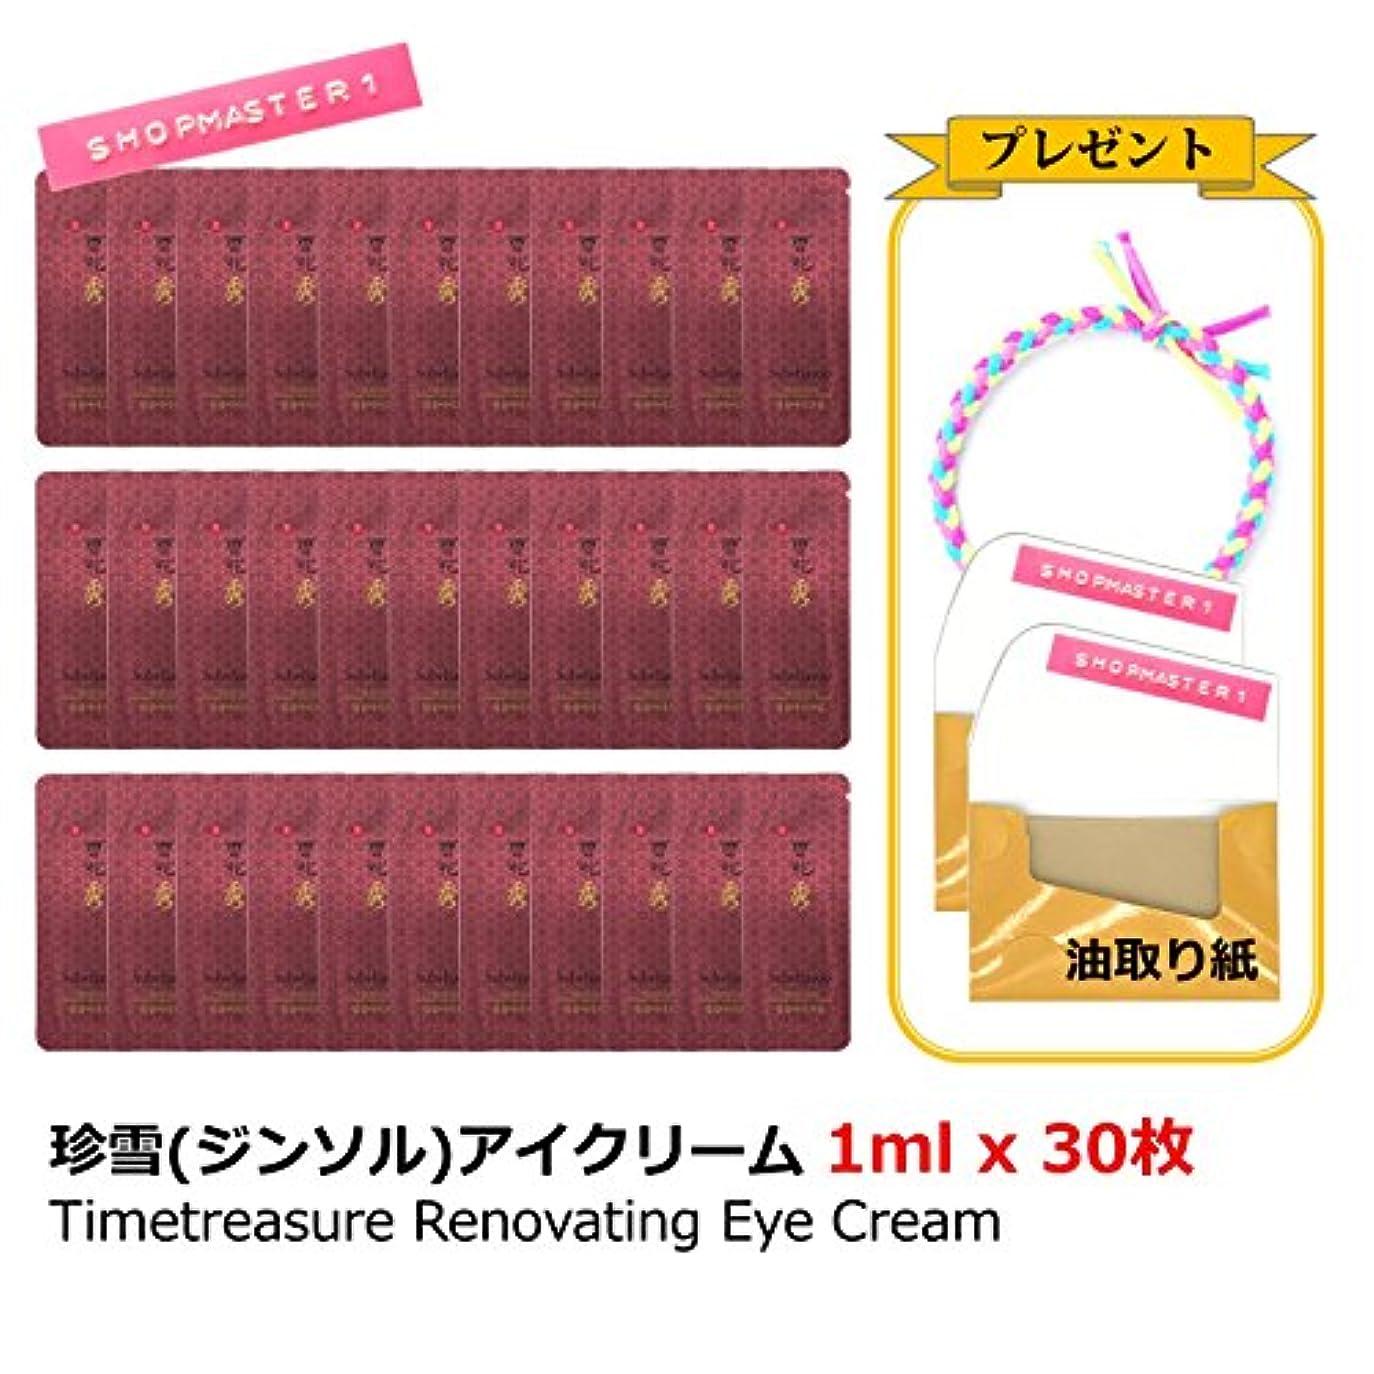 影響購入ウェイトレス【Sulwhasoo ソルファス】珍雪(ジンソル)アイクリーム 1ml x 30枚 Timetreasure Renovating Eye Cream / プレゼント 油取り紙 2個(25枚ずつ)、ヘアタイ / 海外直配送 [並行輸入品]